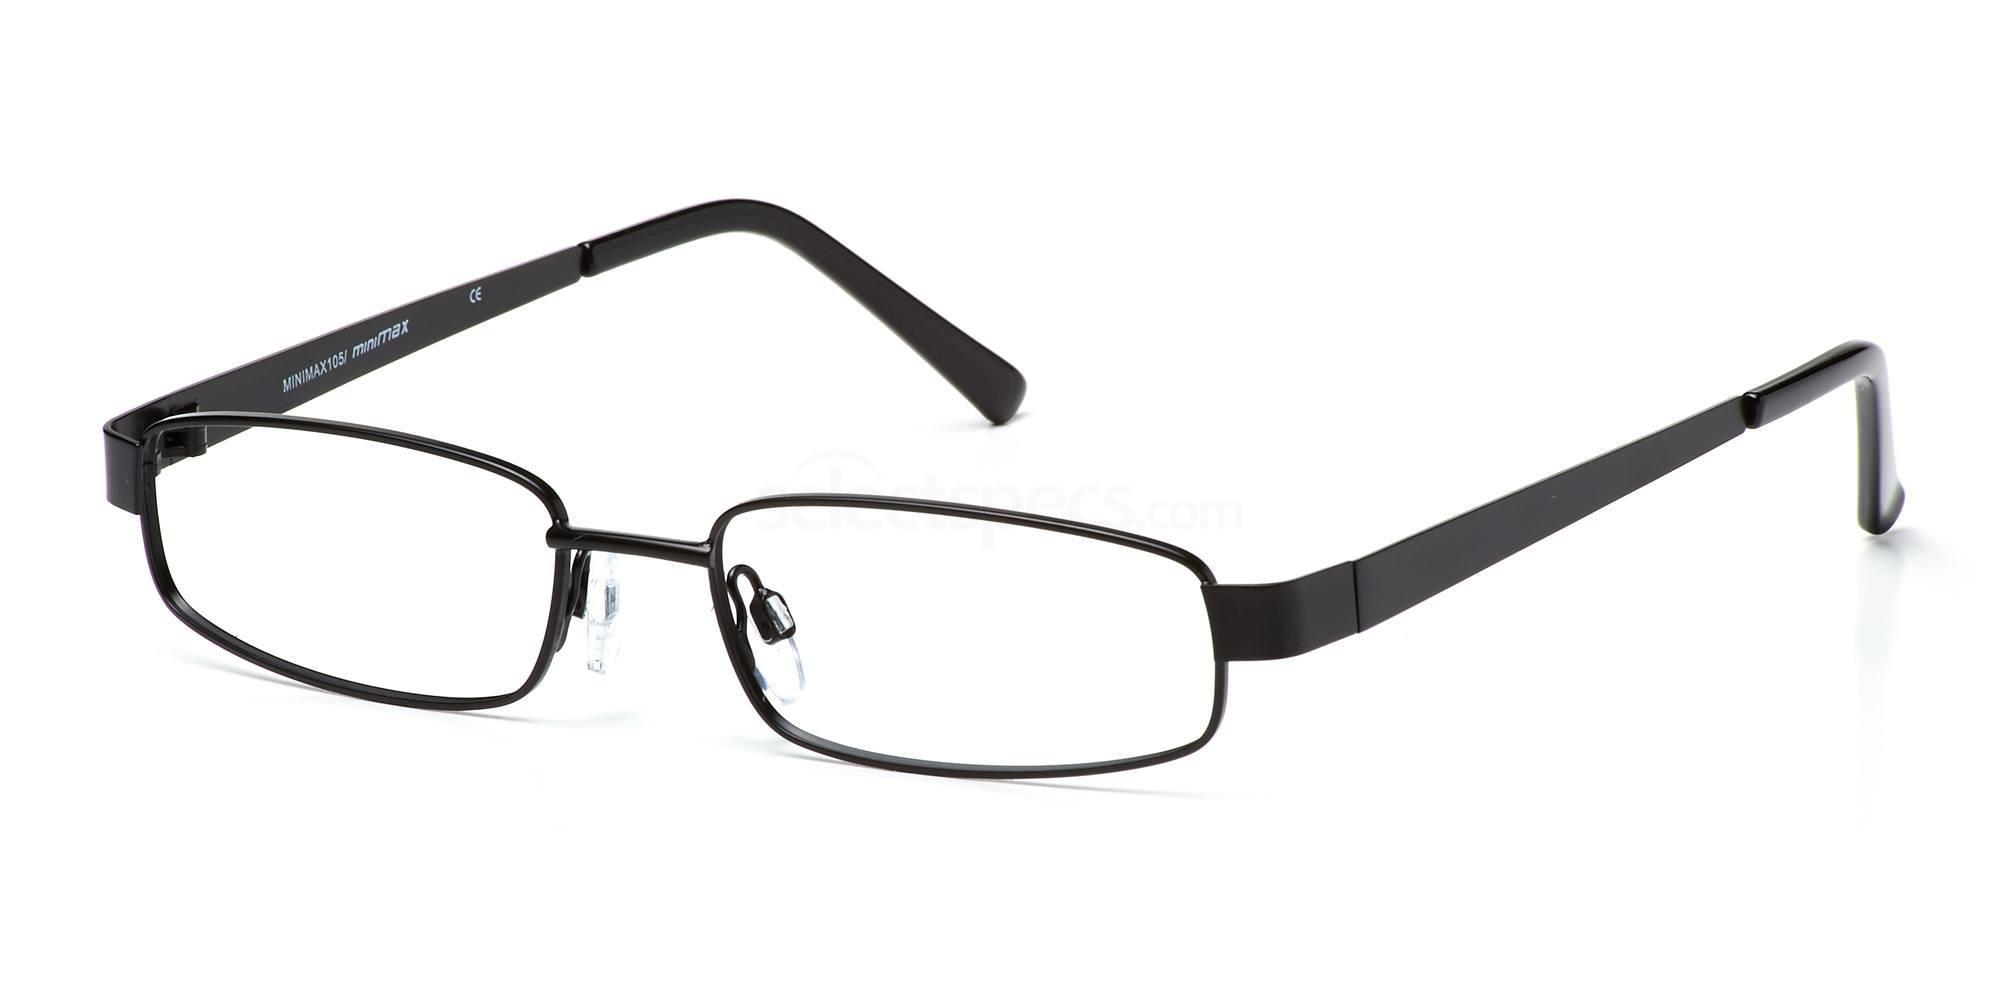 C1 MINIMAX105 Glasses, Minimax